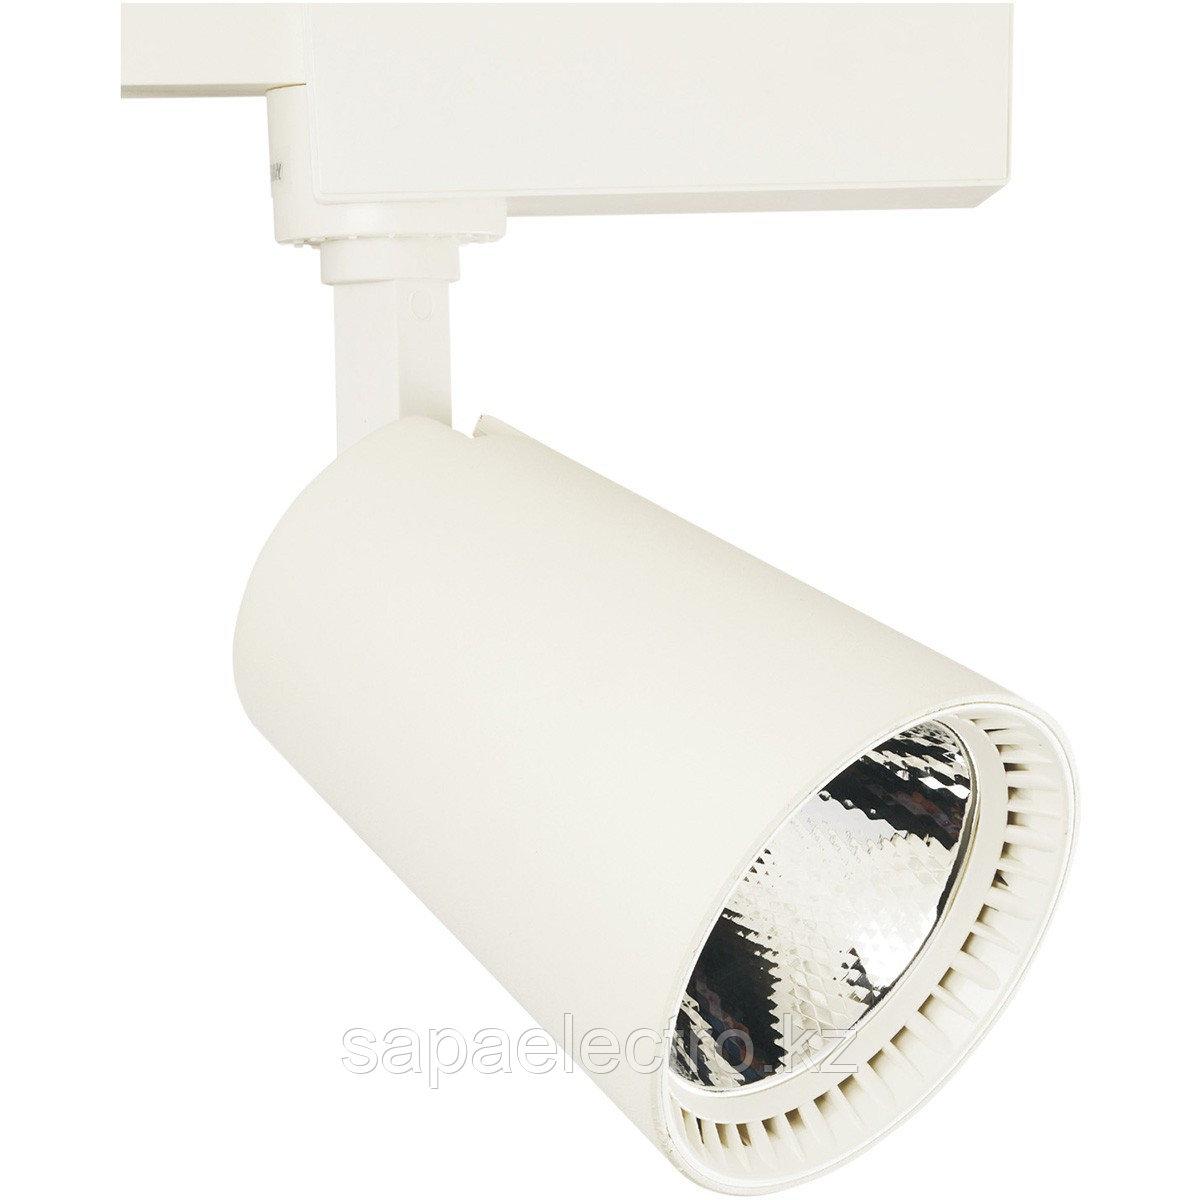 Свет-к LED LS-002-105 (9018L) 30W 4000K WHITE (TS)2